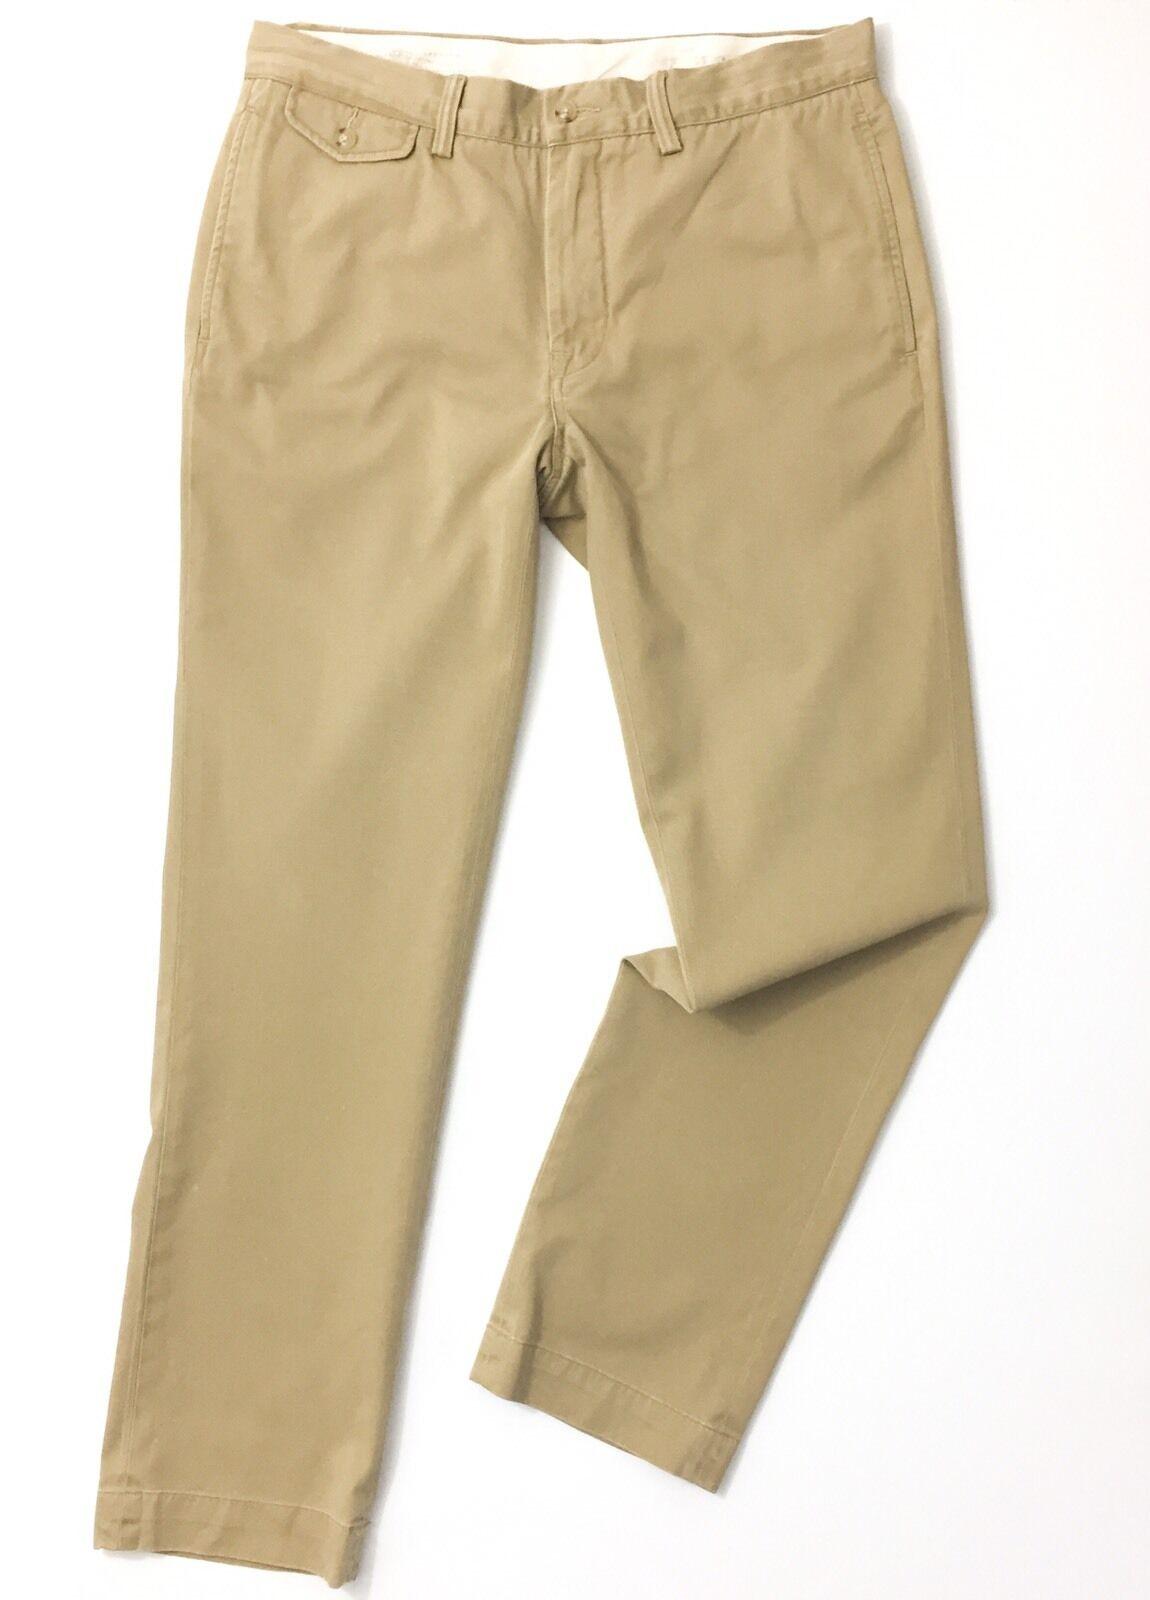 Ralph Lauren Men's Chinos W32 W32 W32 L32 Granary Tan Straight Fit Twill Trousers 1443fd